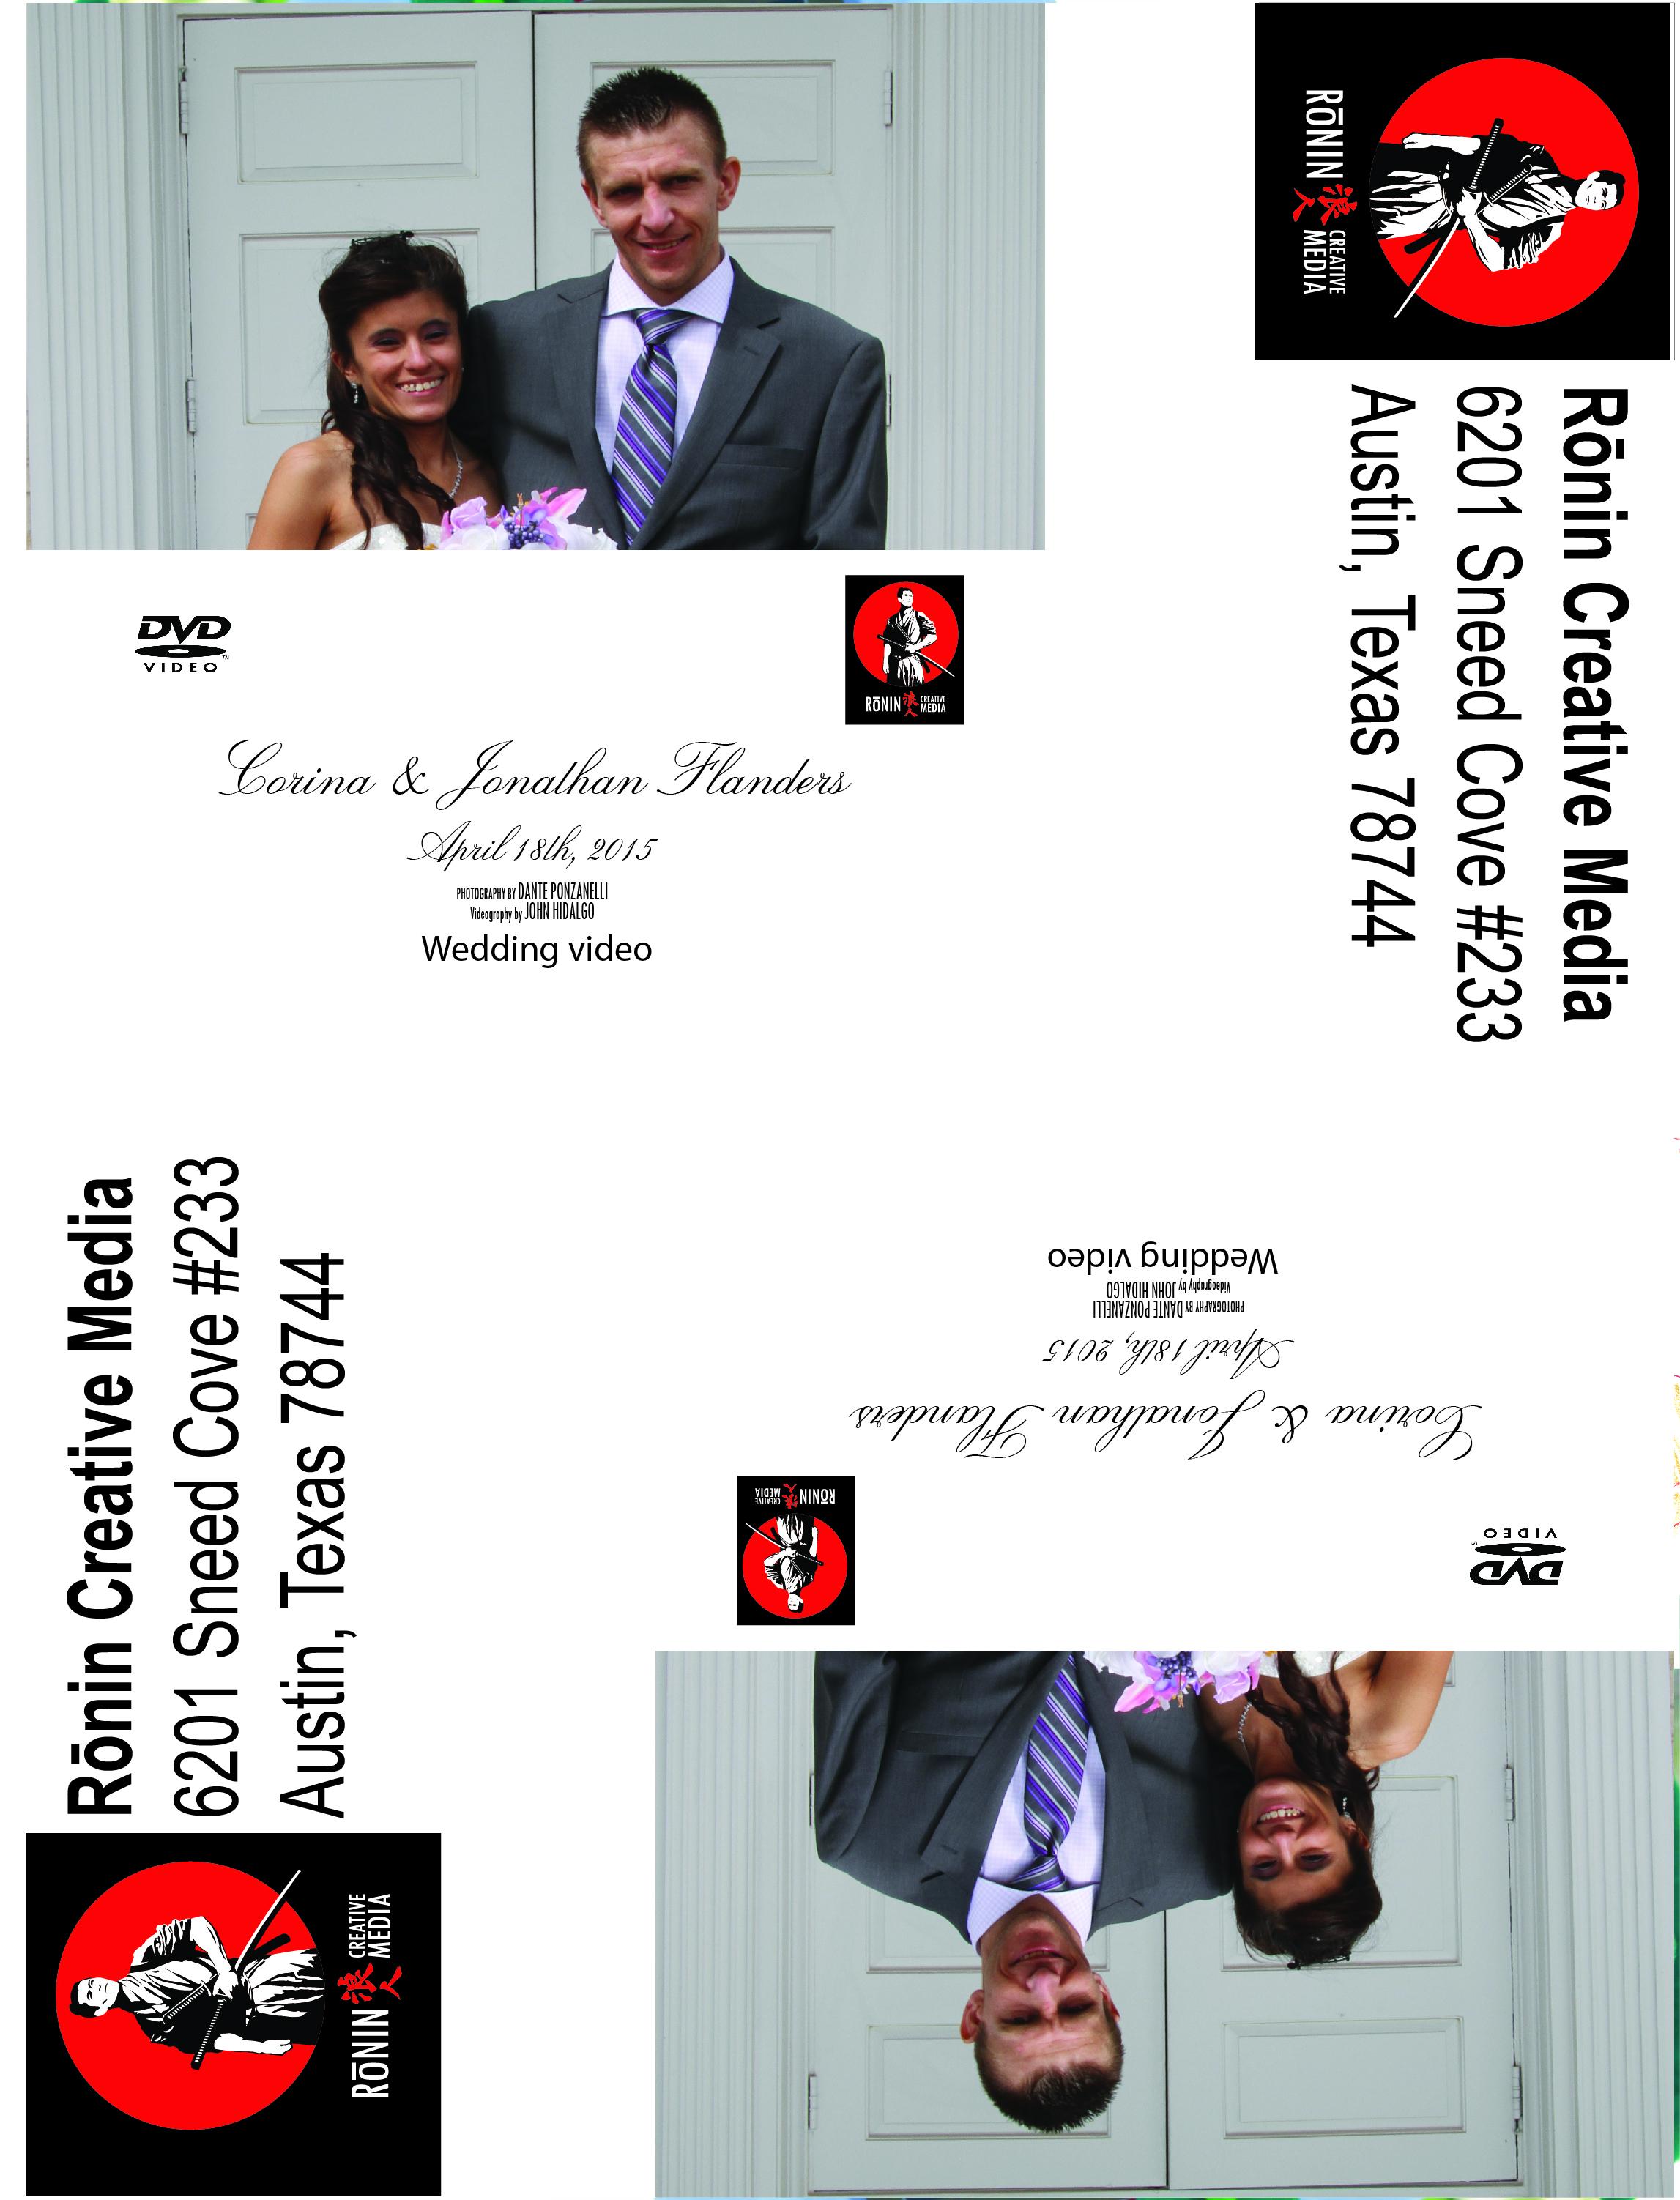 Corina and Jonathan Wedding DVD Label